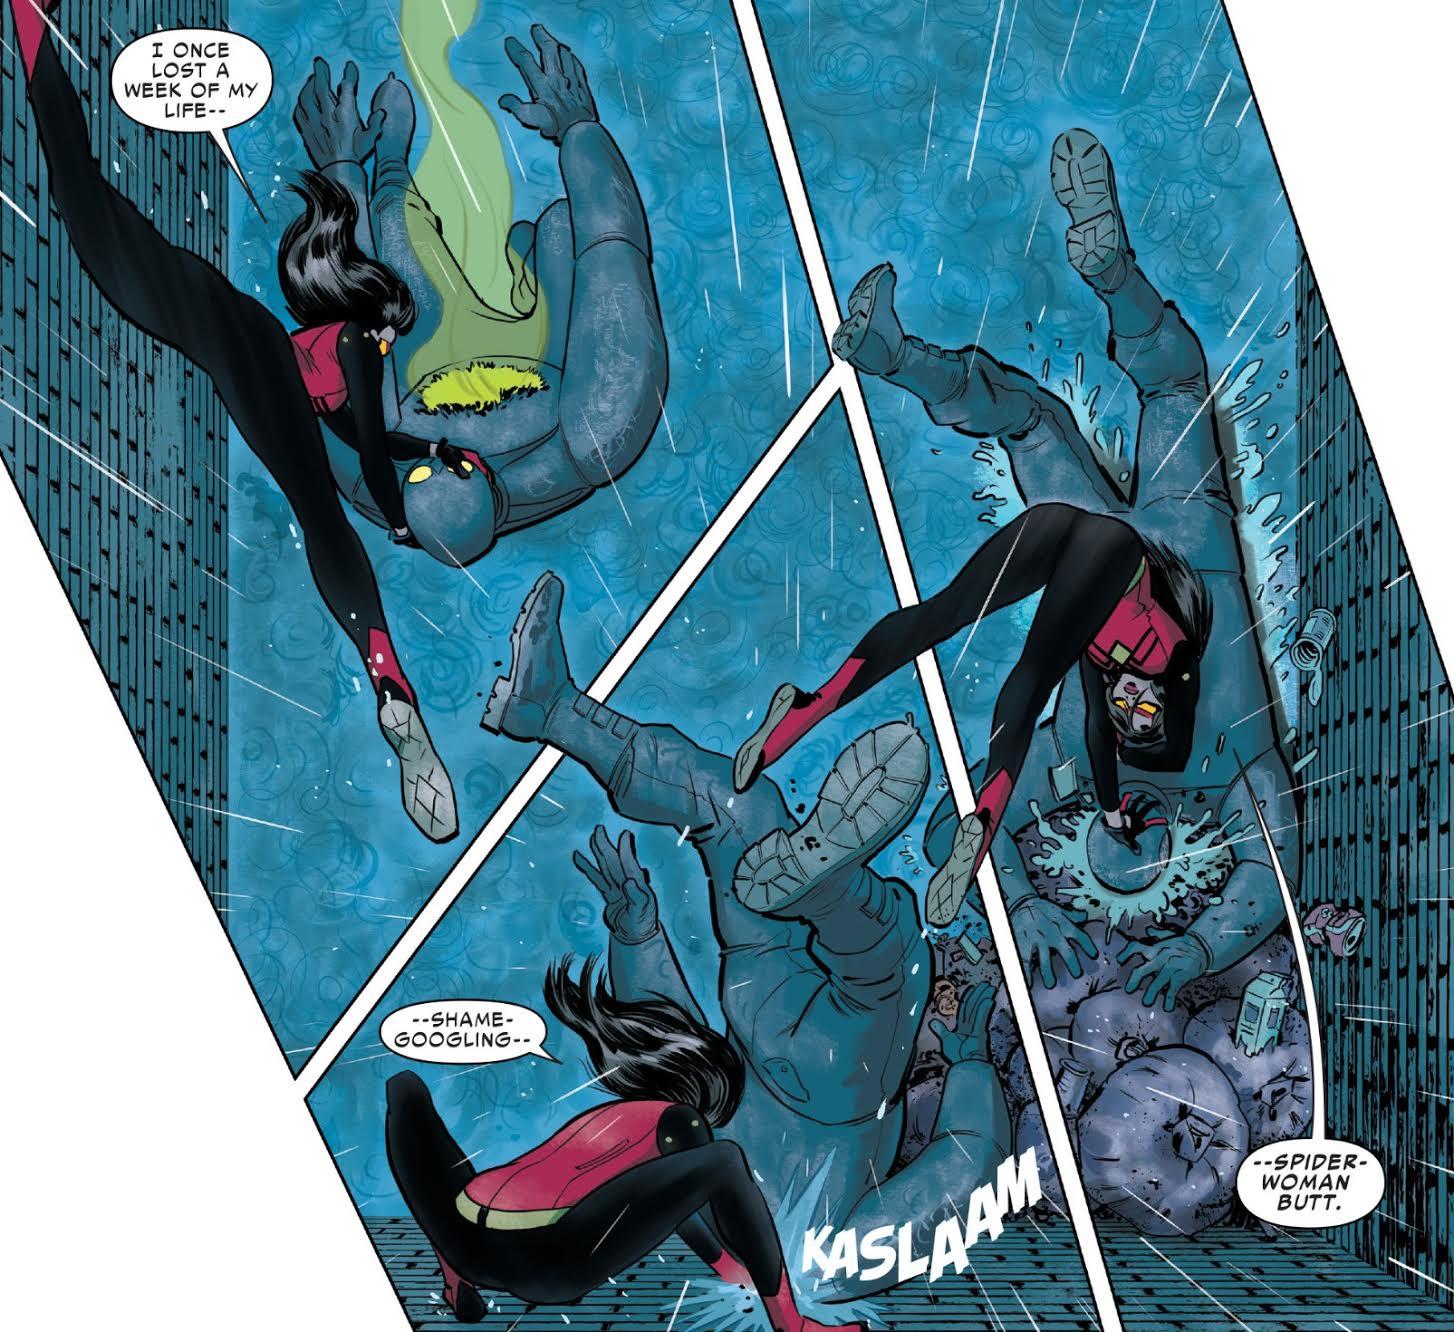 Spider-Women - Spider-Woman